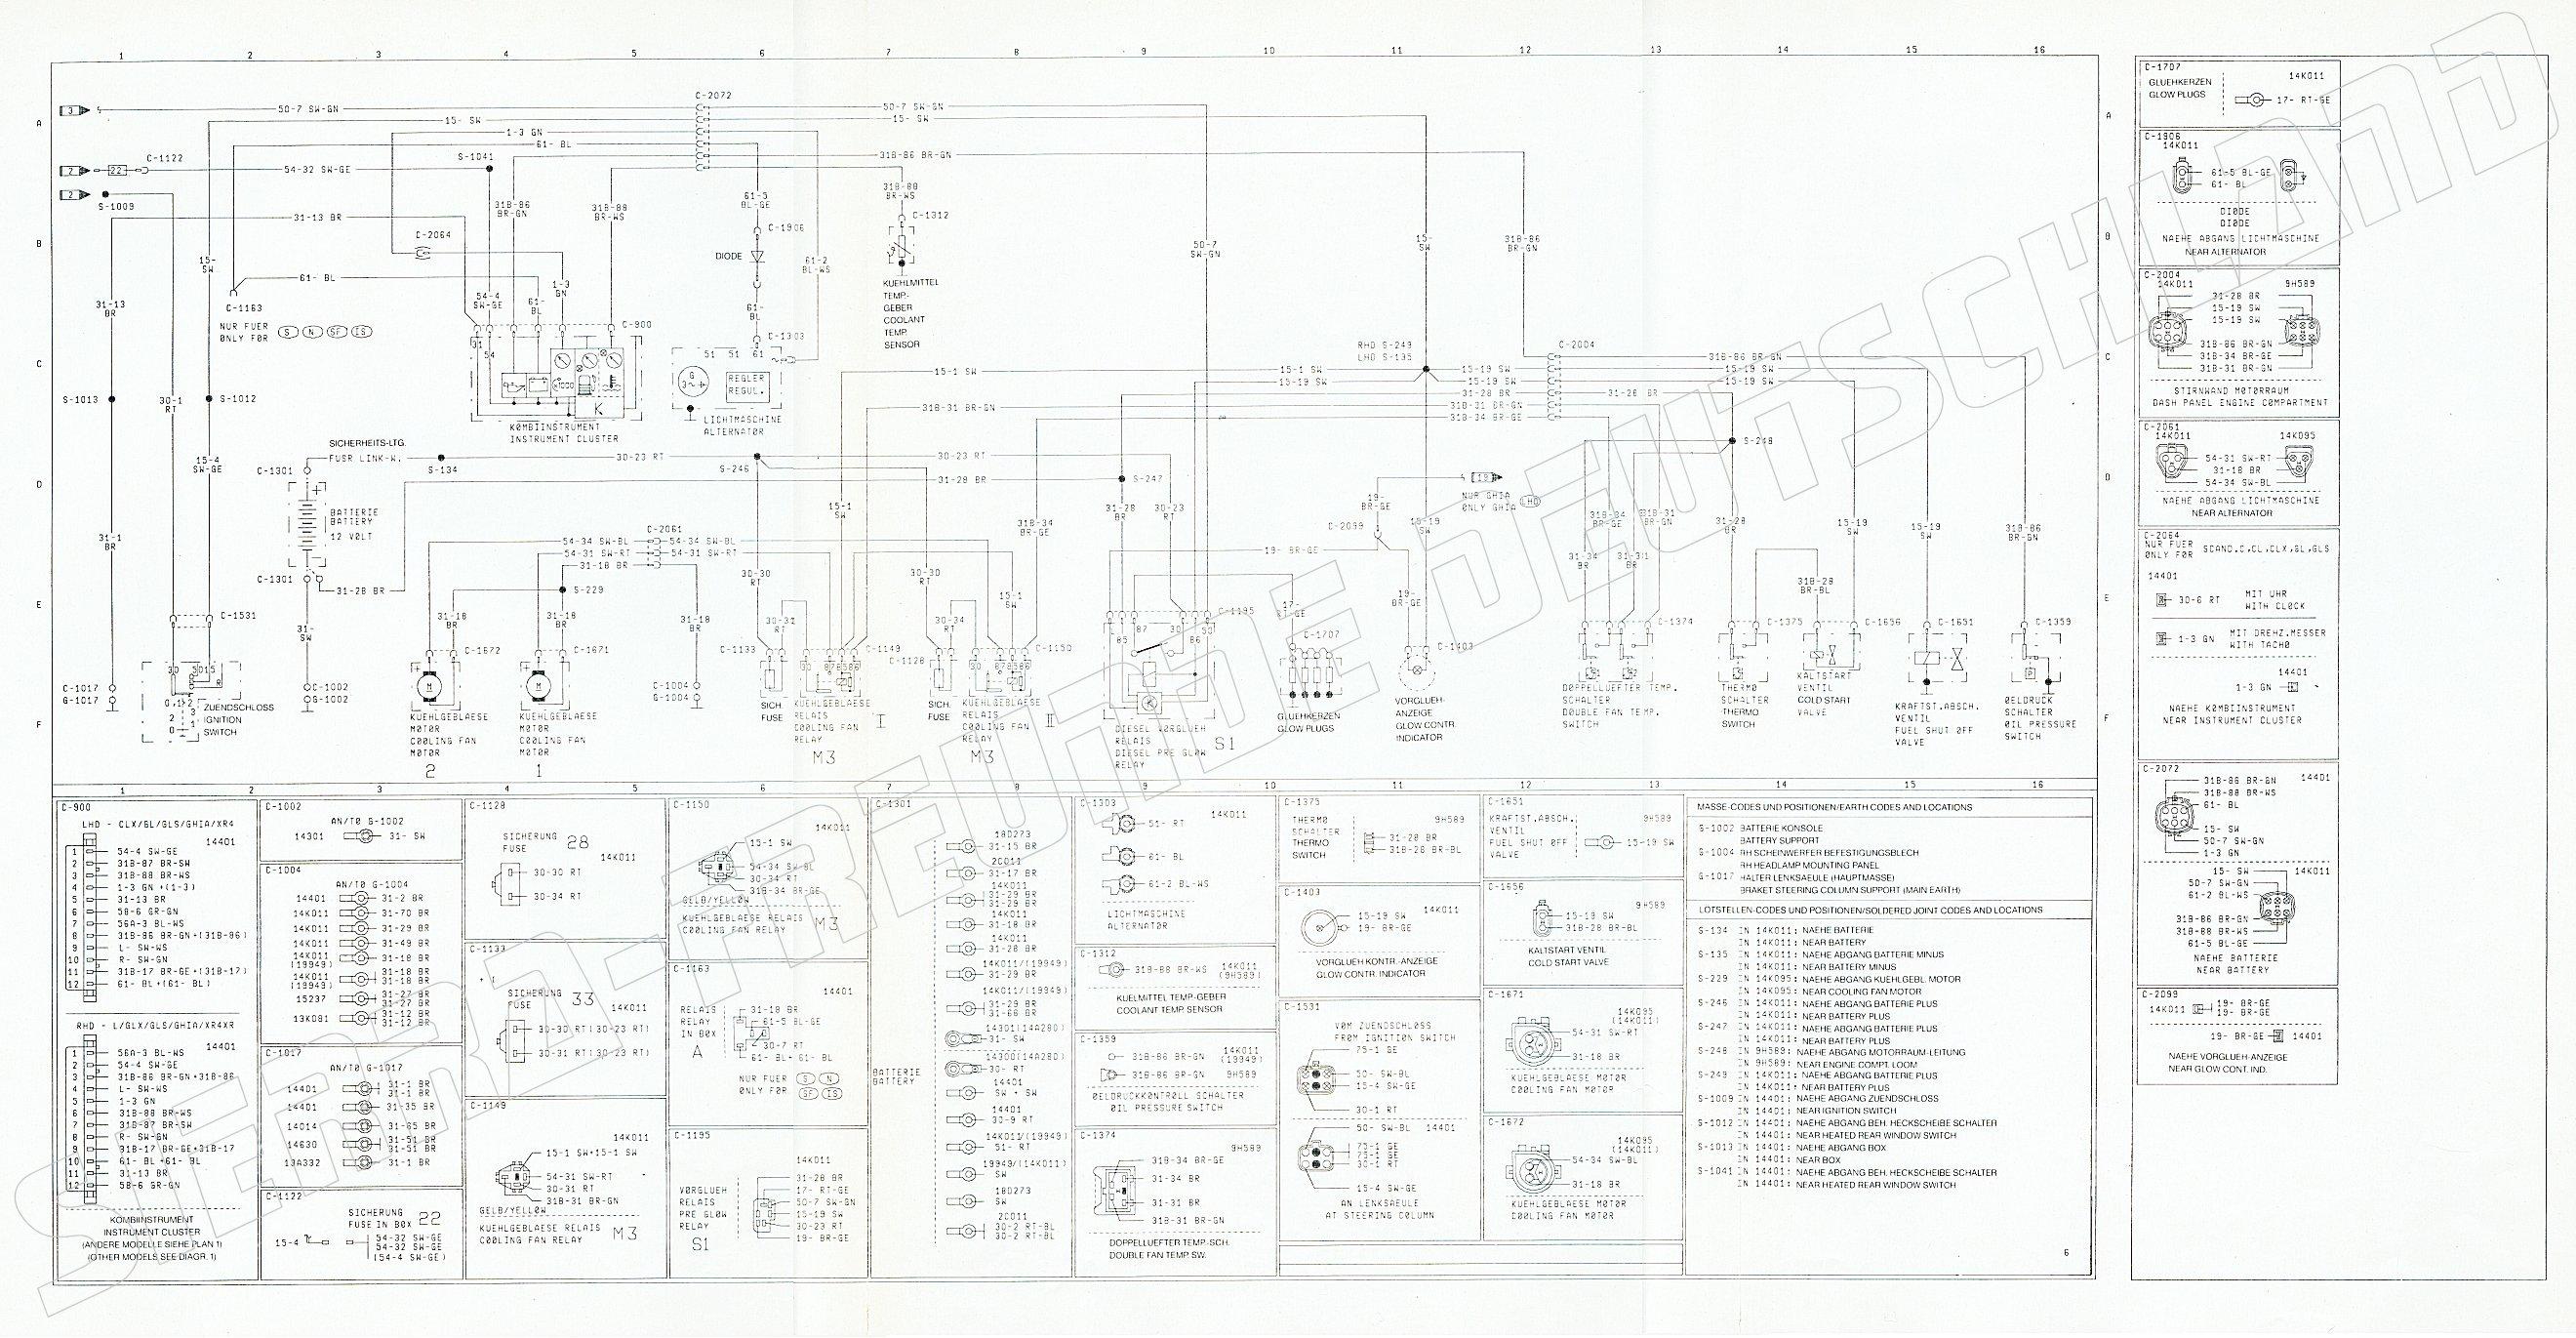 Ausgezeichnet Universal Fensterheber Schaltplan Bilder - Der ...